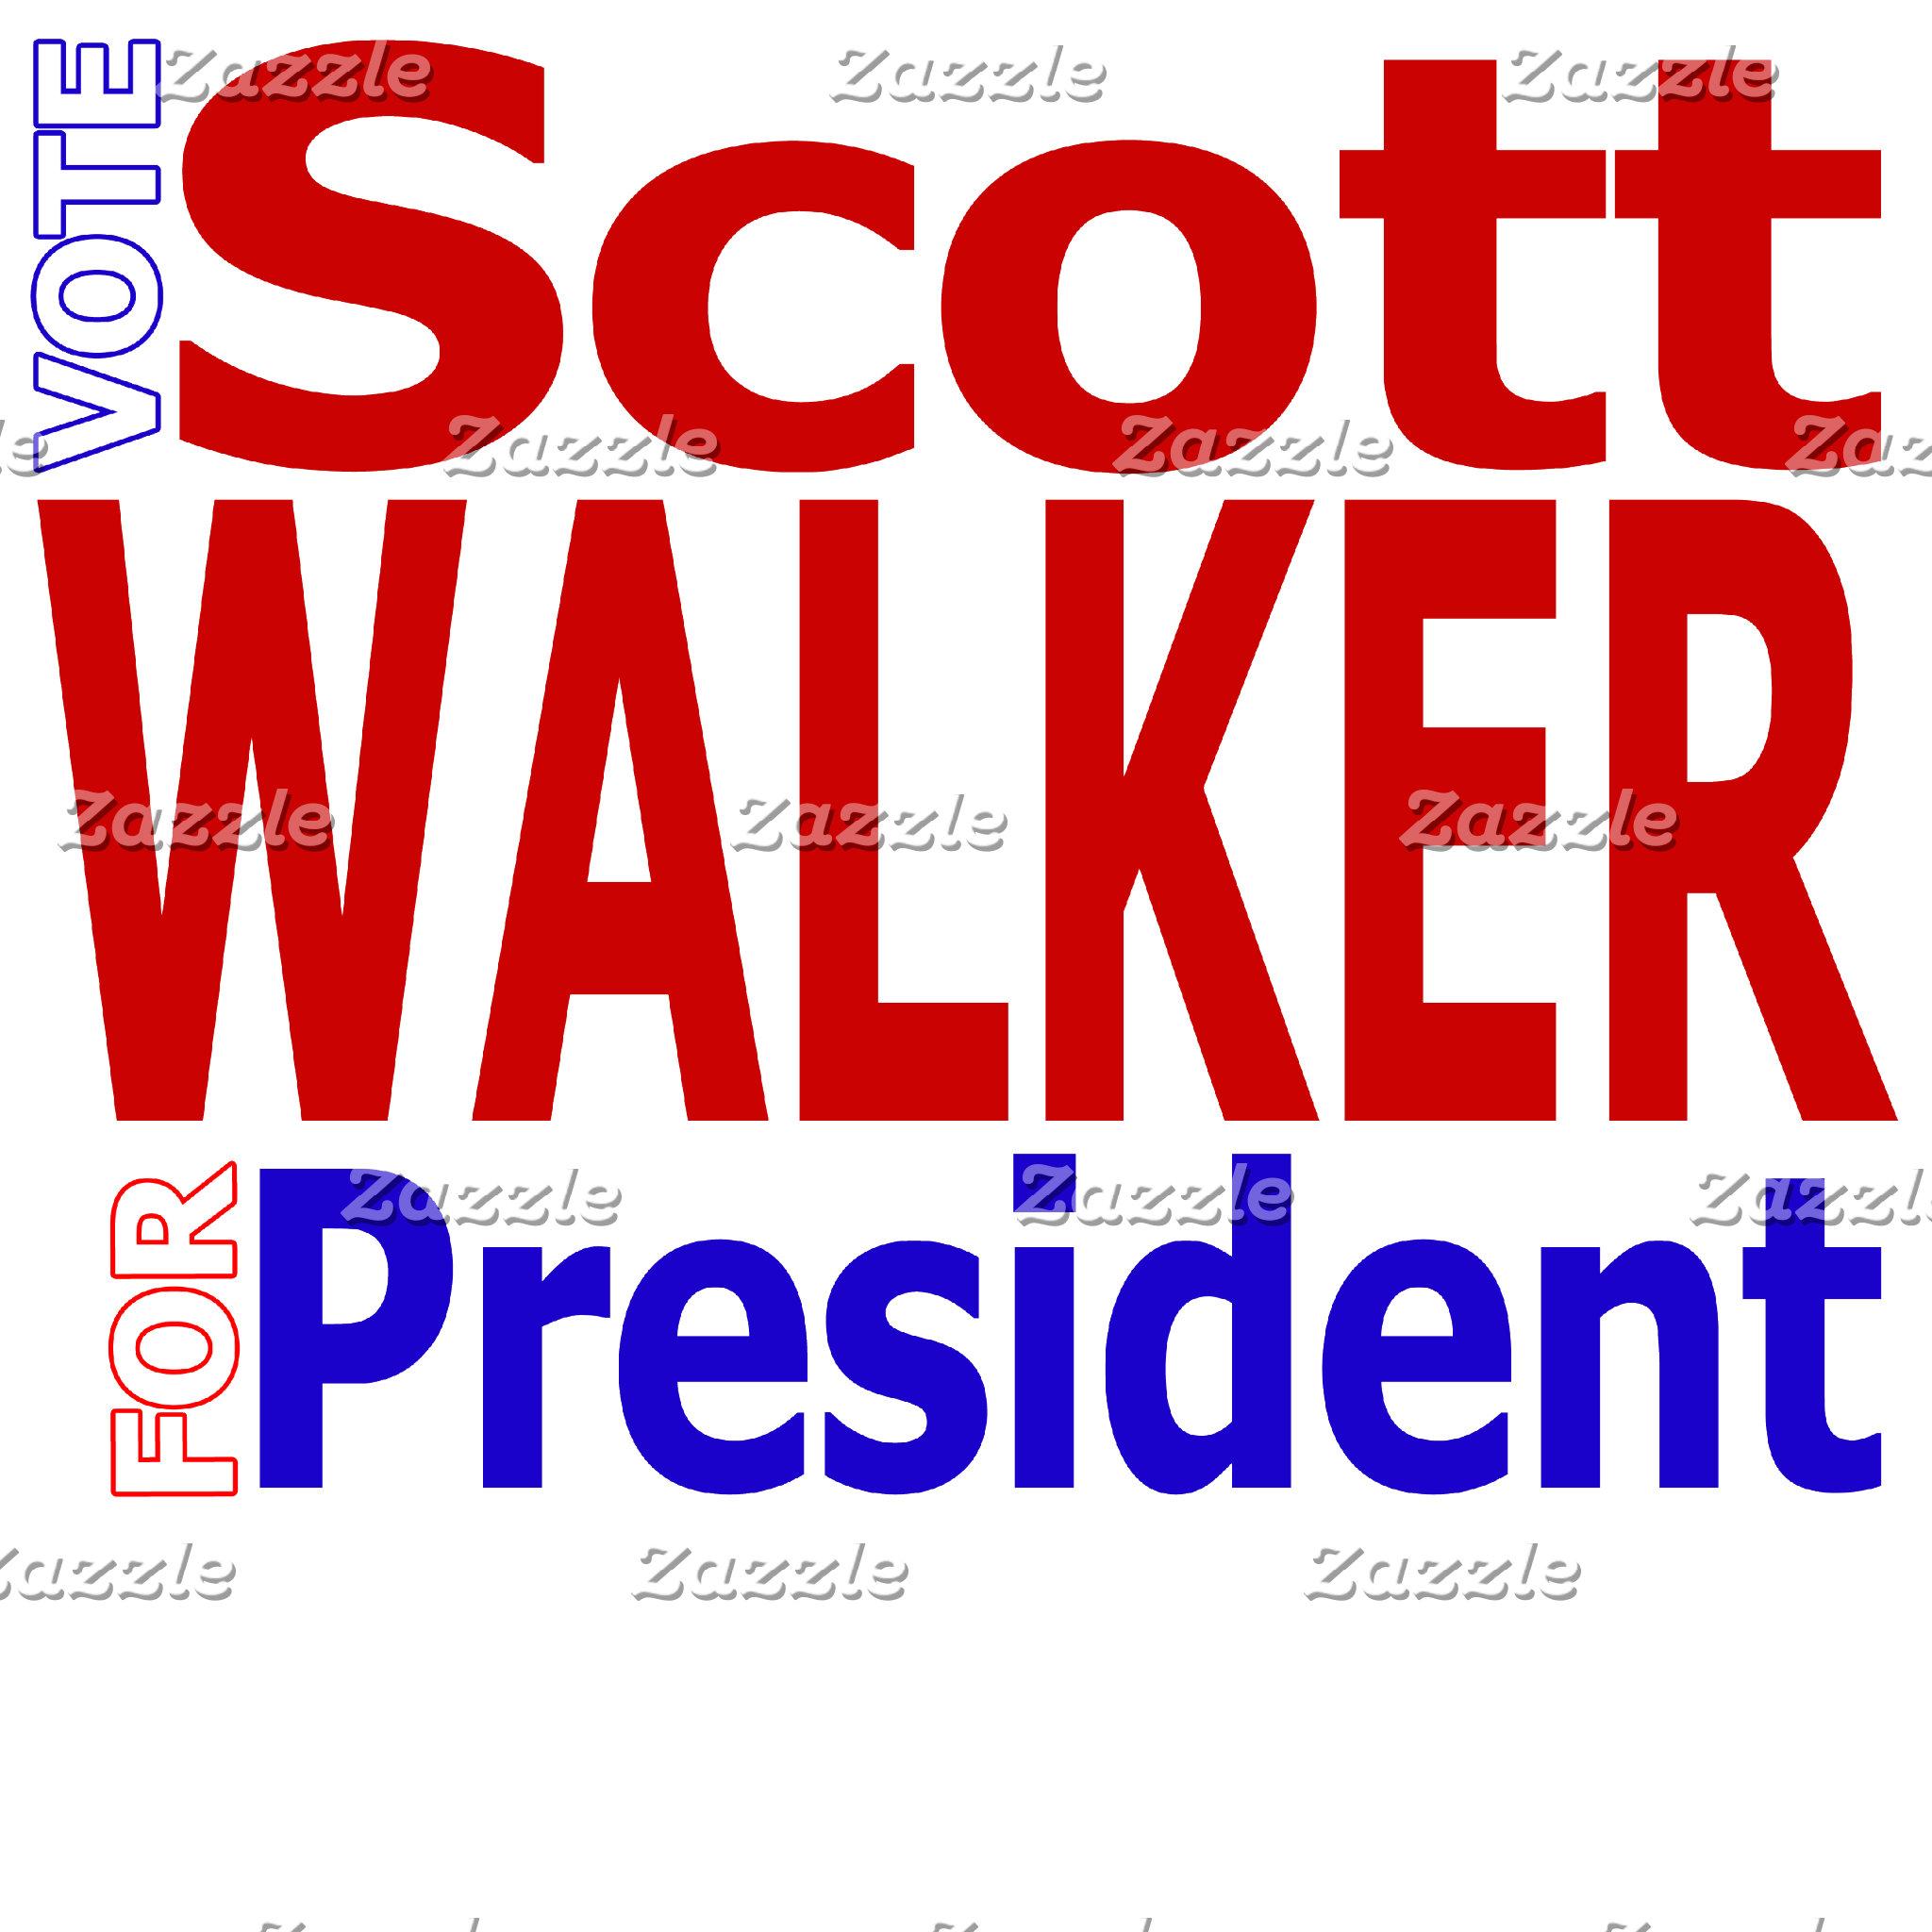 Walker, Scott